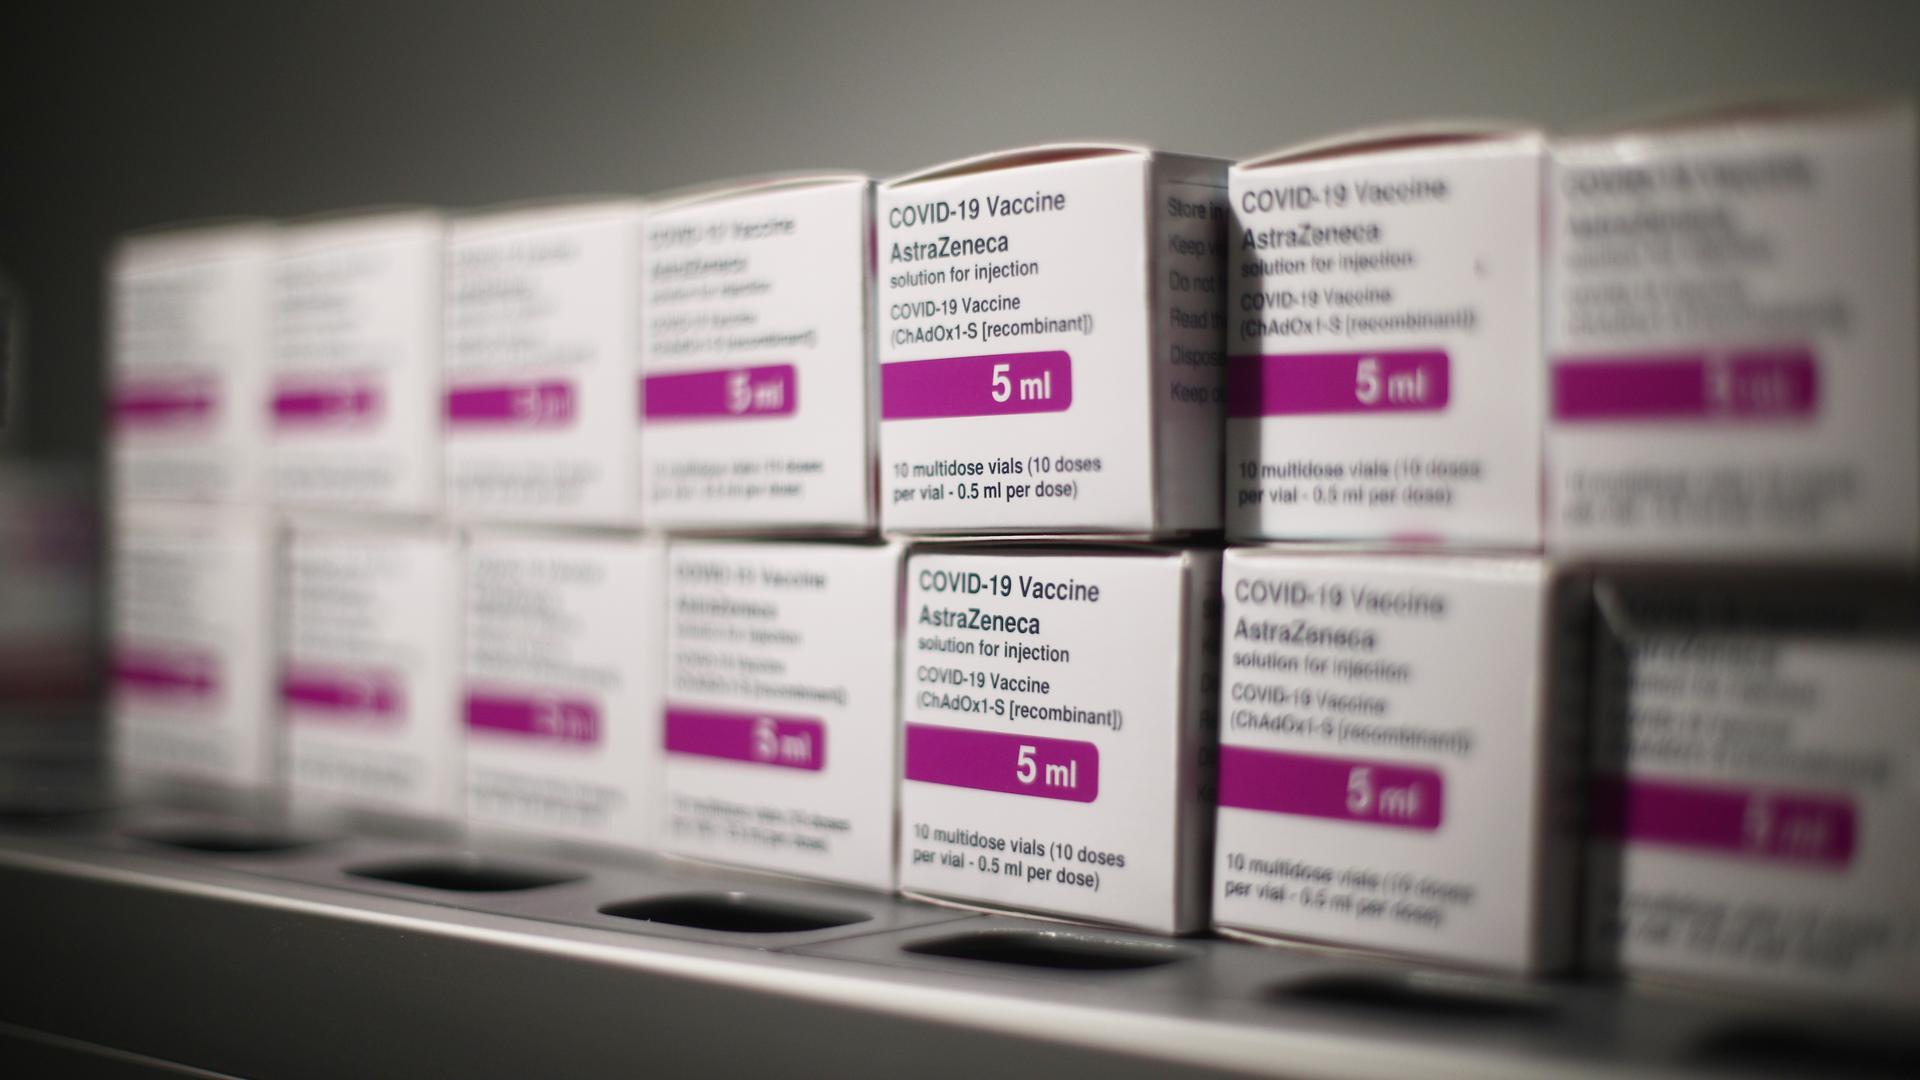 Mehrere Boxen mit dem Corona-Impfstoff von AstraZeneca stehen in einem Impfzentrum in Madrid. Das Gesundheitsministerium der Region hat mit der Impfung von Physiotherapeuten, Apothekern, Zahntechnikern, Logopäden, klinischen Psychologen, Optikern und Mitarbeitern des öffentlichen Gesundheitswesens begonnen. +++ dpa-Bildfunk +++